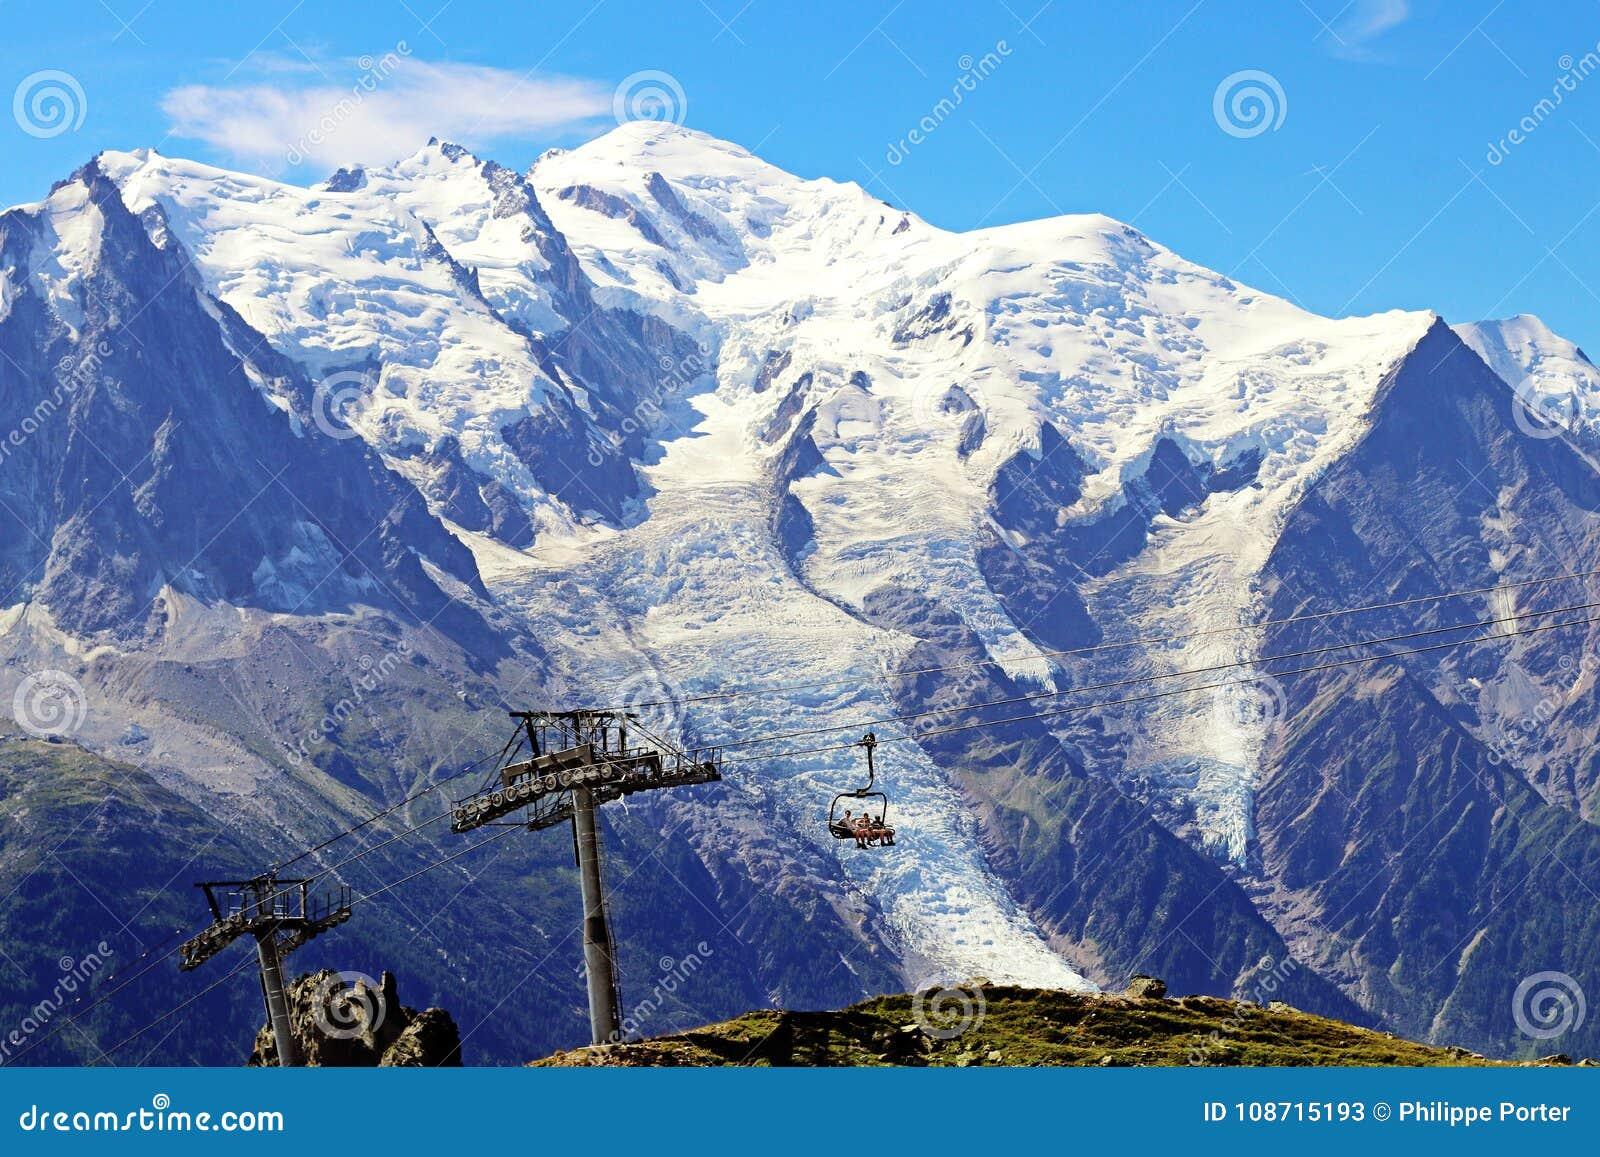 Elevatorn för bilen och för stol för Mont Blanc toppmöteFlegere kabel till indexet når en höjdpunkt